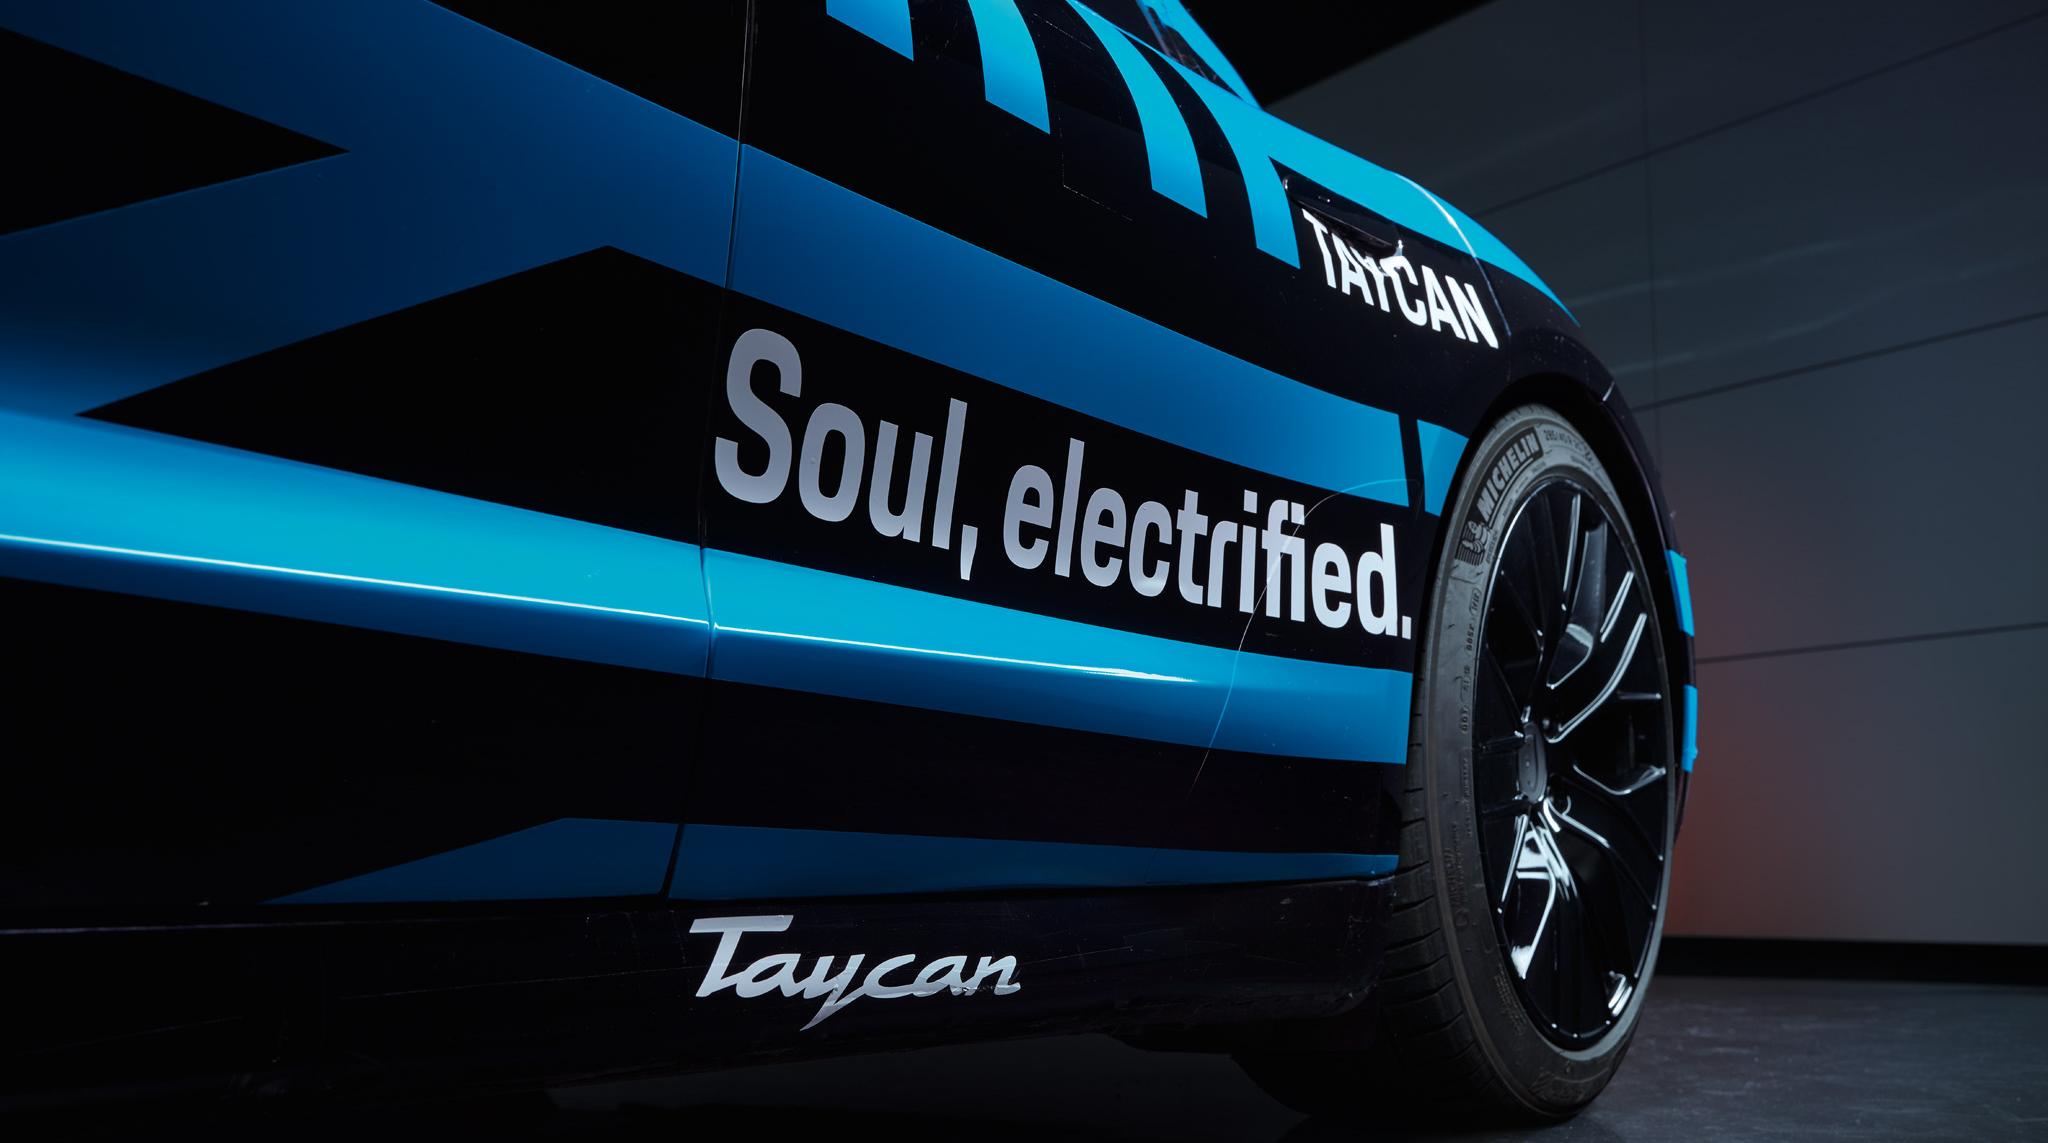 The New Porsche Tacyan